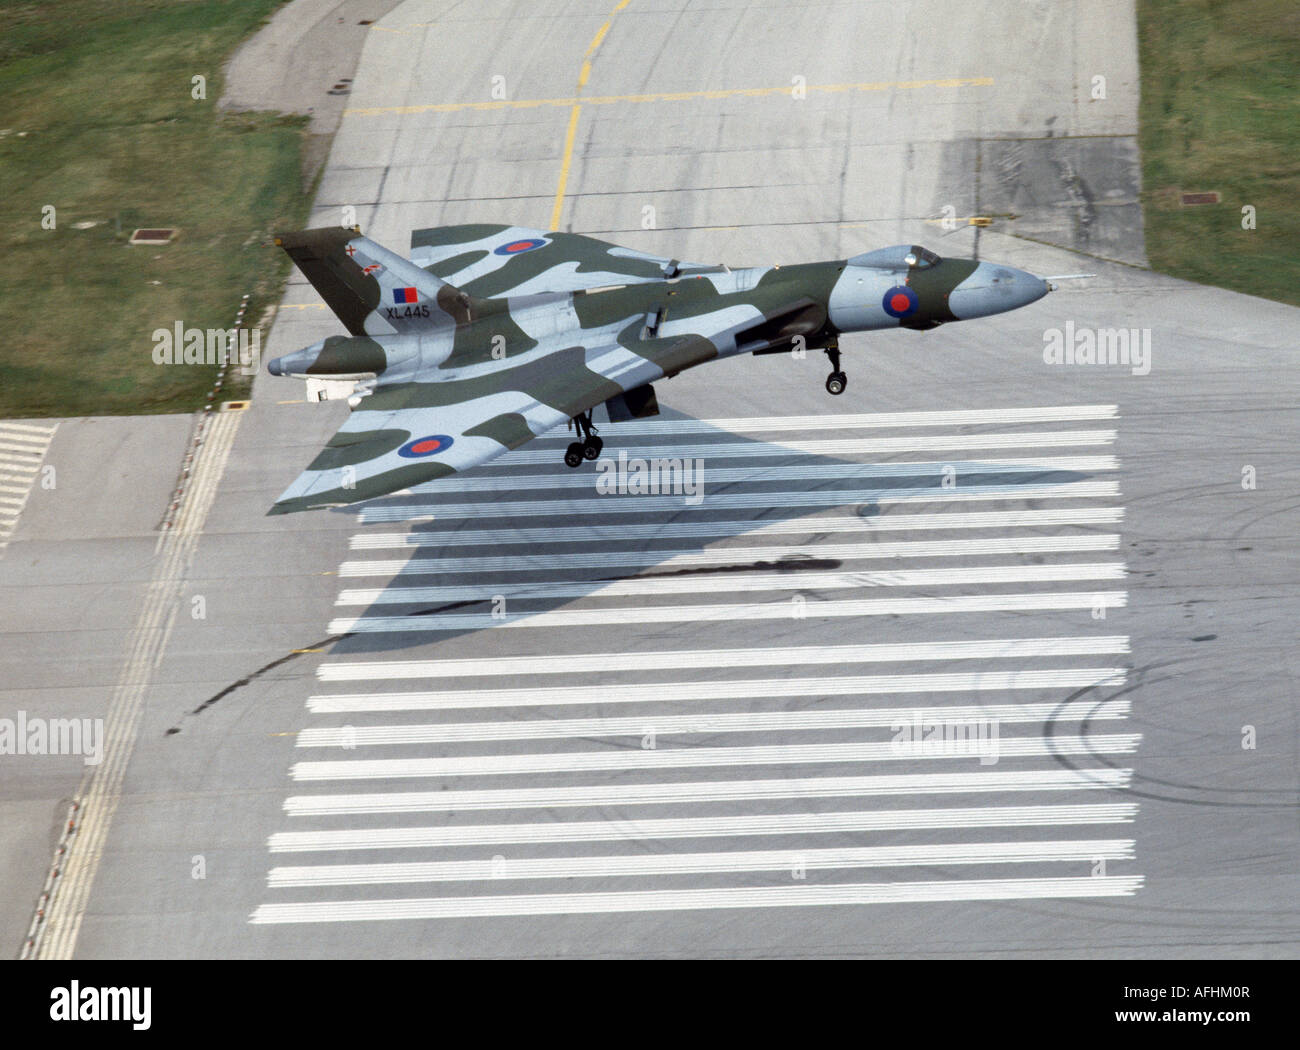 Avro Vulcan Bomber - Stock Image